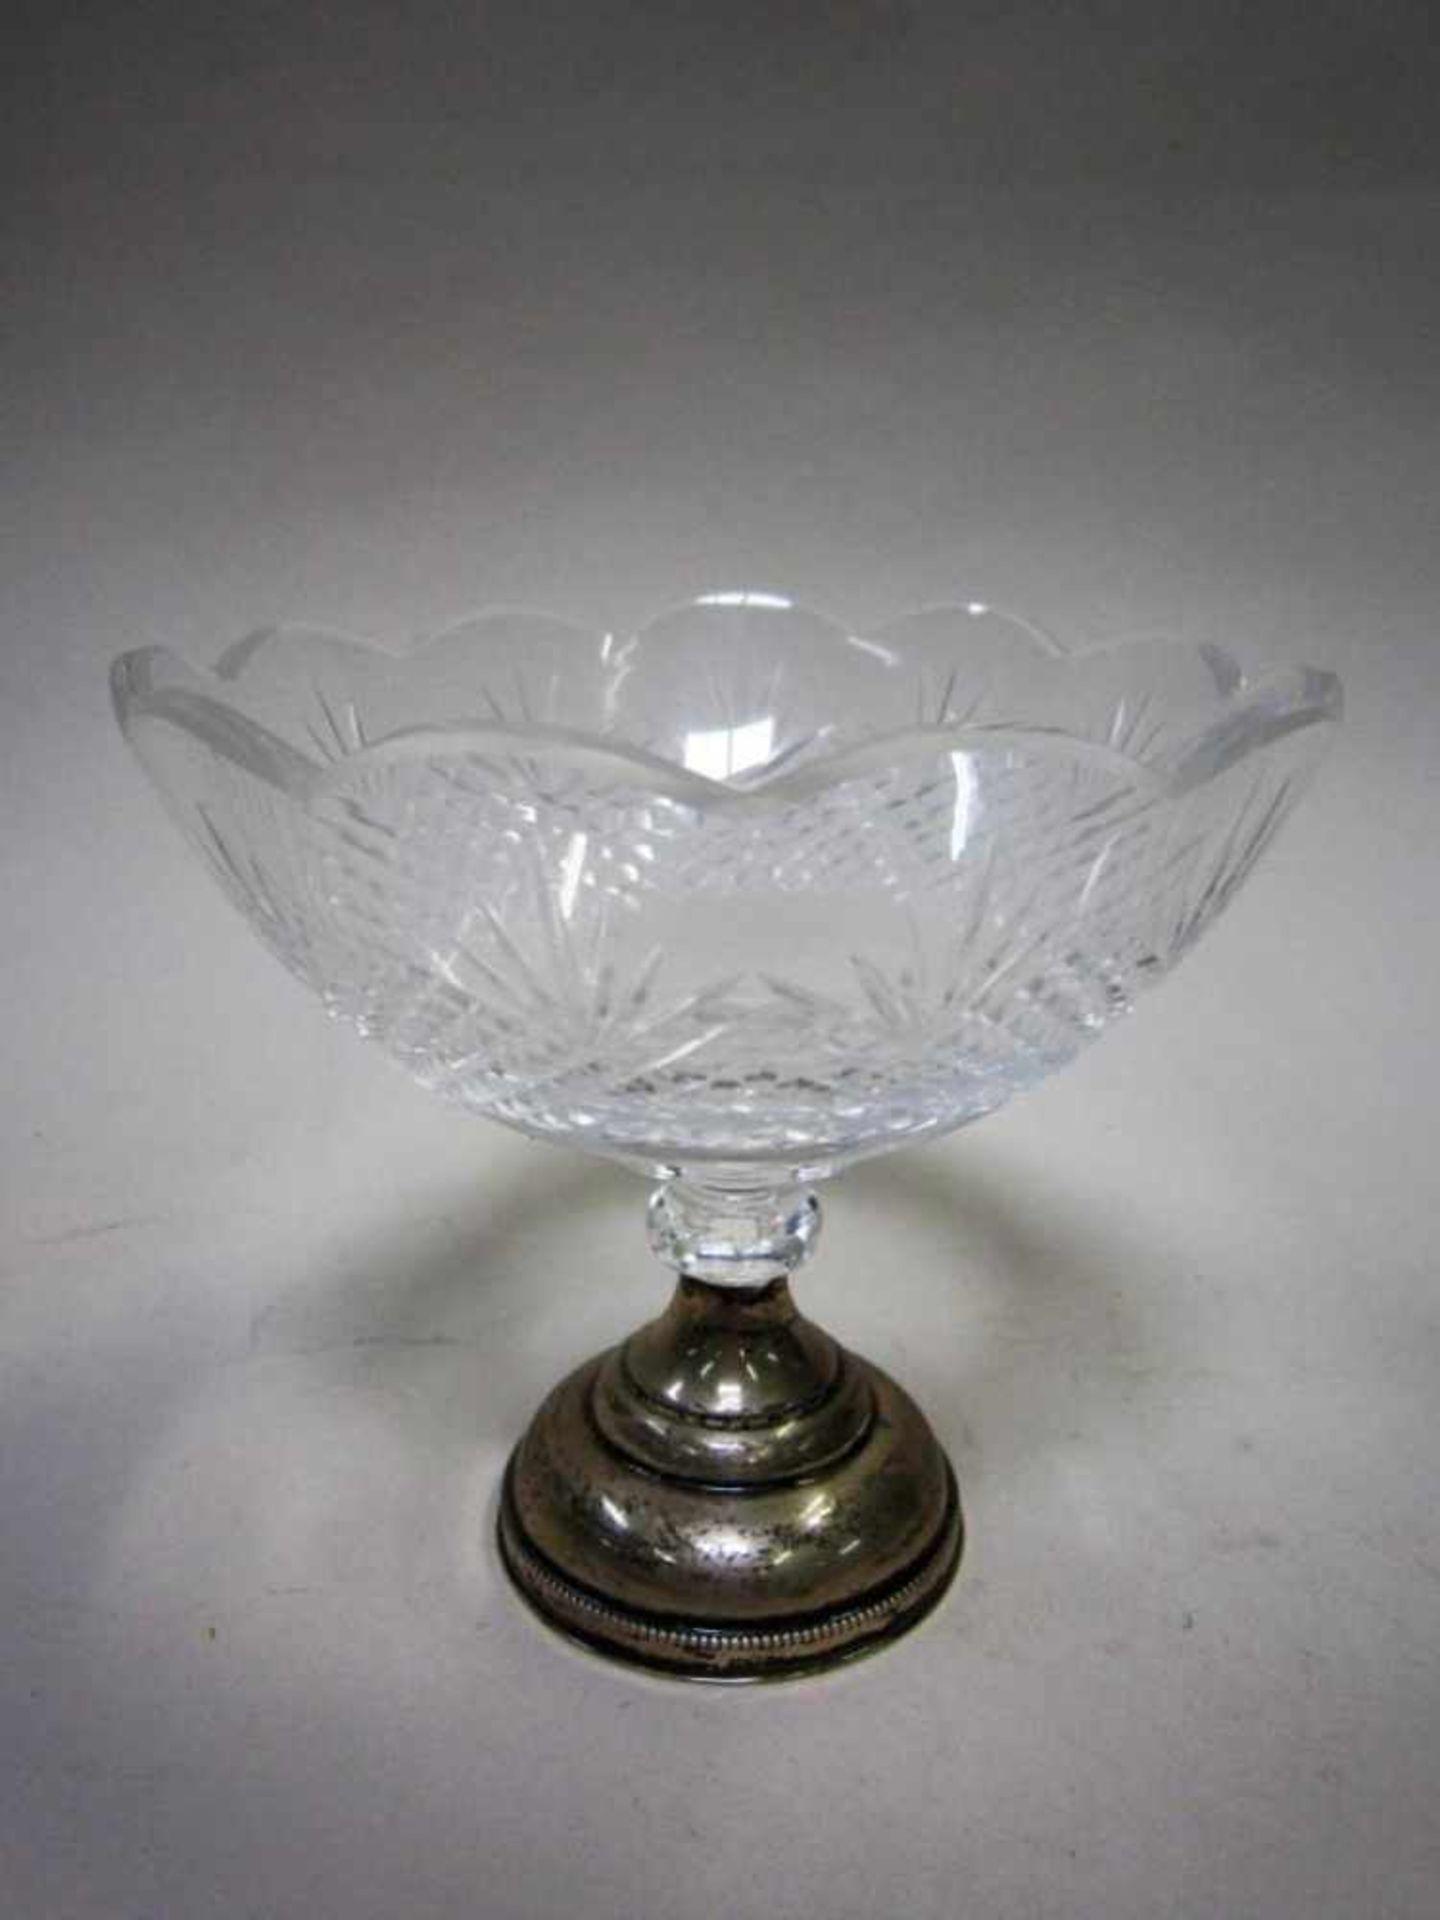 Kristallen suikerbakje op zilveren voet, diameter ca. 13x11cm